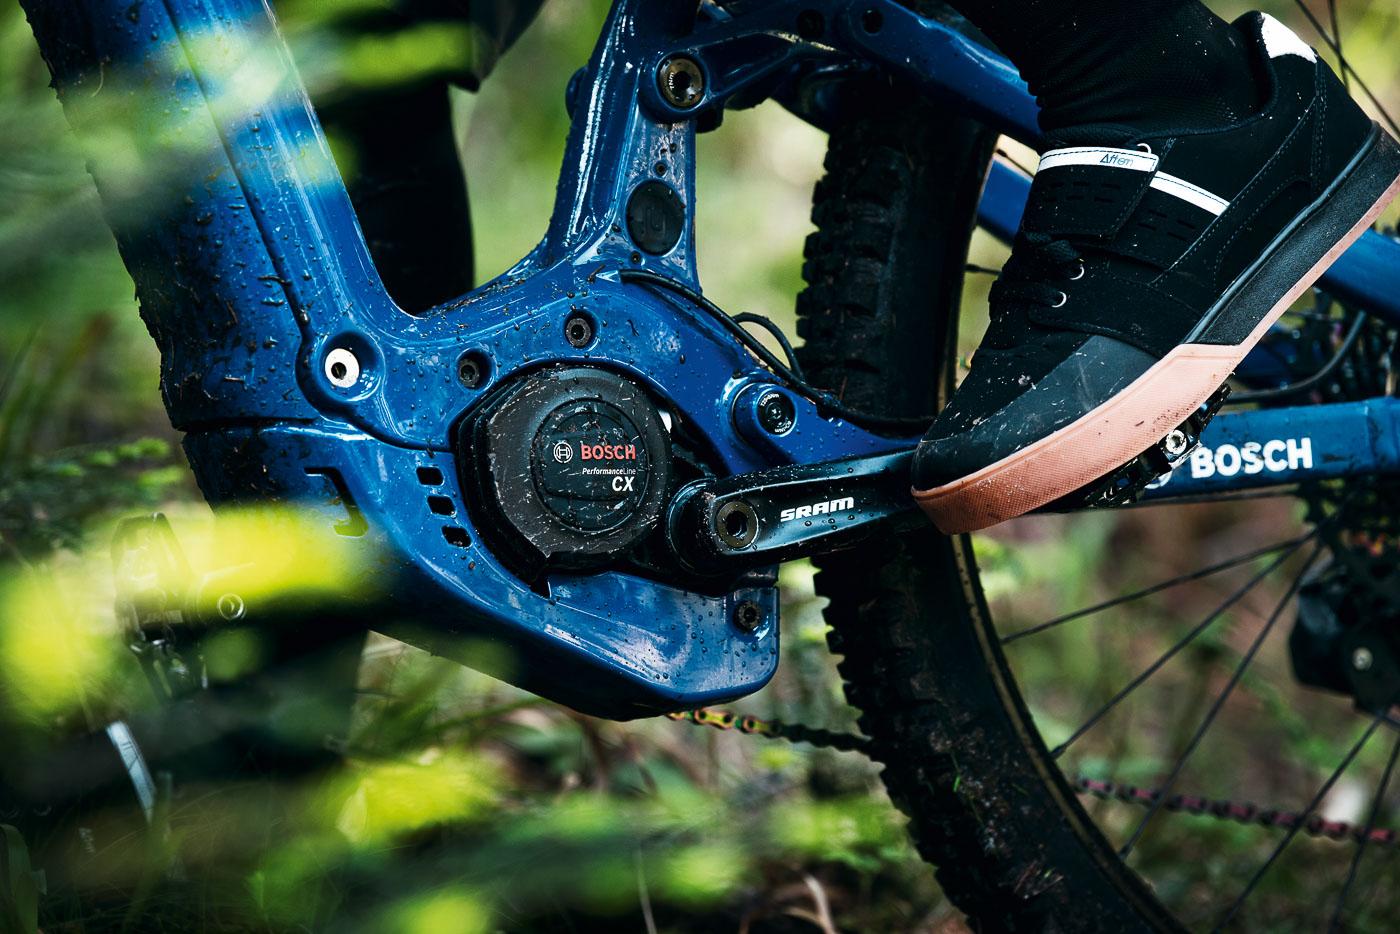 nuovo motore bosch performance line cx 2020 ebike mobe bici elettriche copertina domande e risposte 3